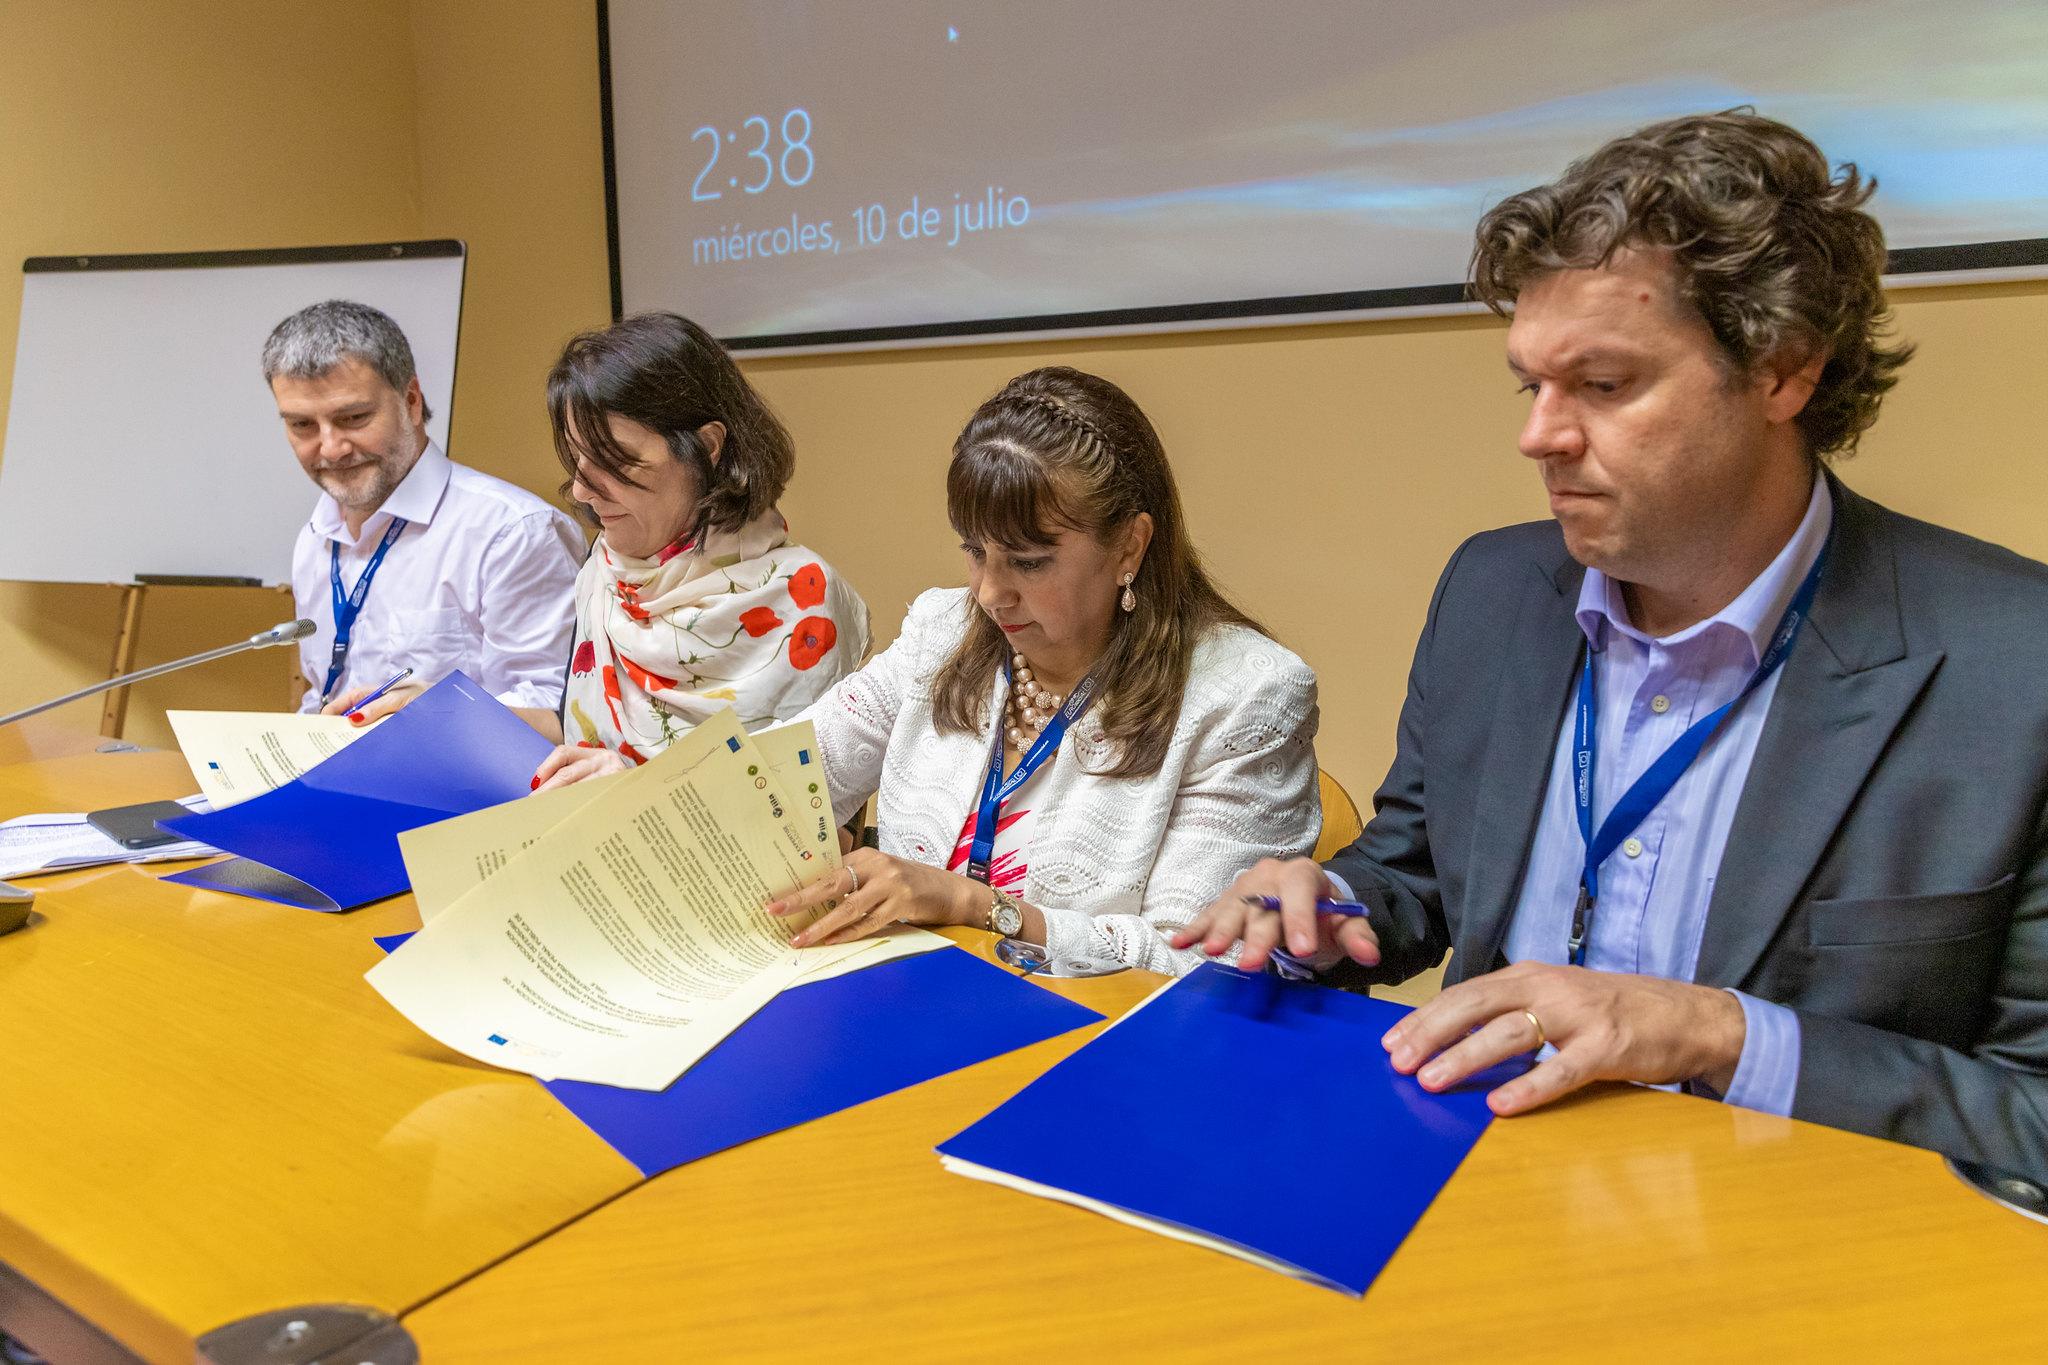 EUROsociAL+ apoya a la Asociación Interamericana de Defensorías Públicas en el desarrollo de una Red y Guía Regional para asistencia jurídica a personas migrantes